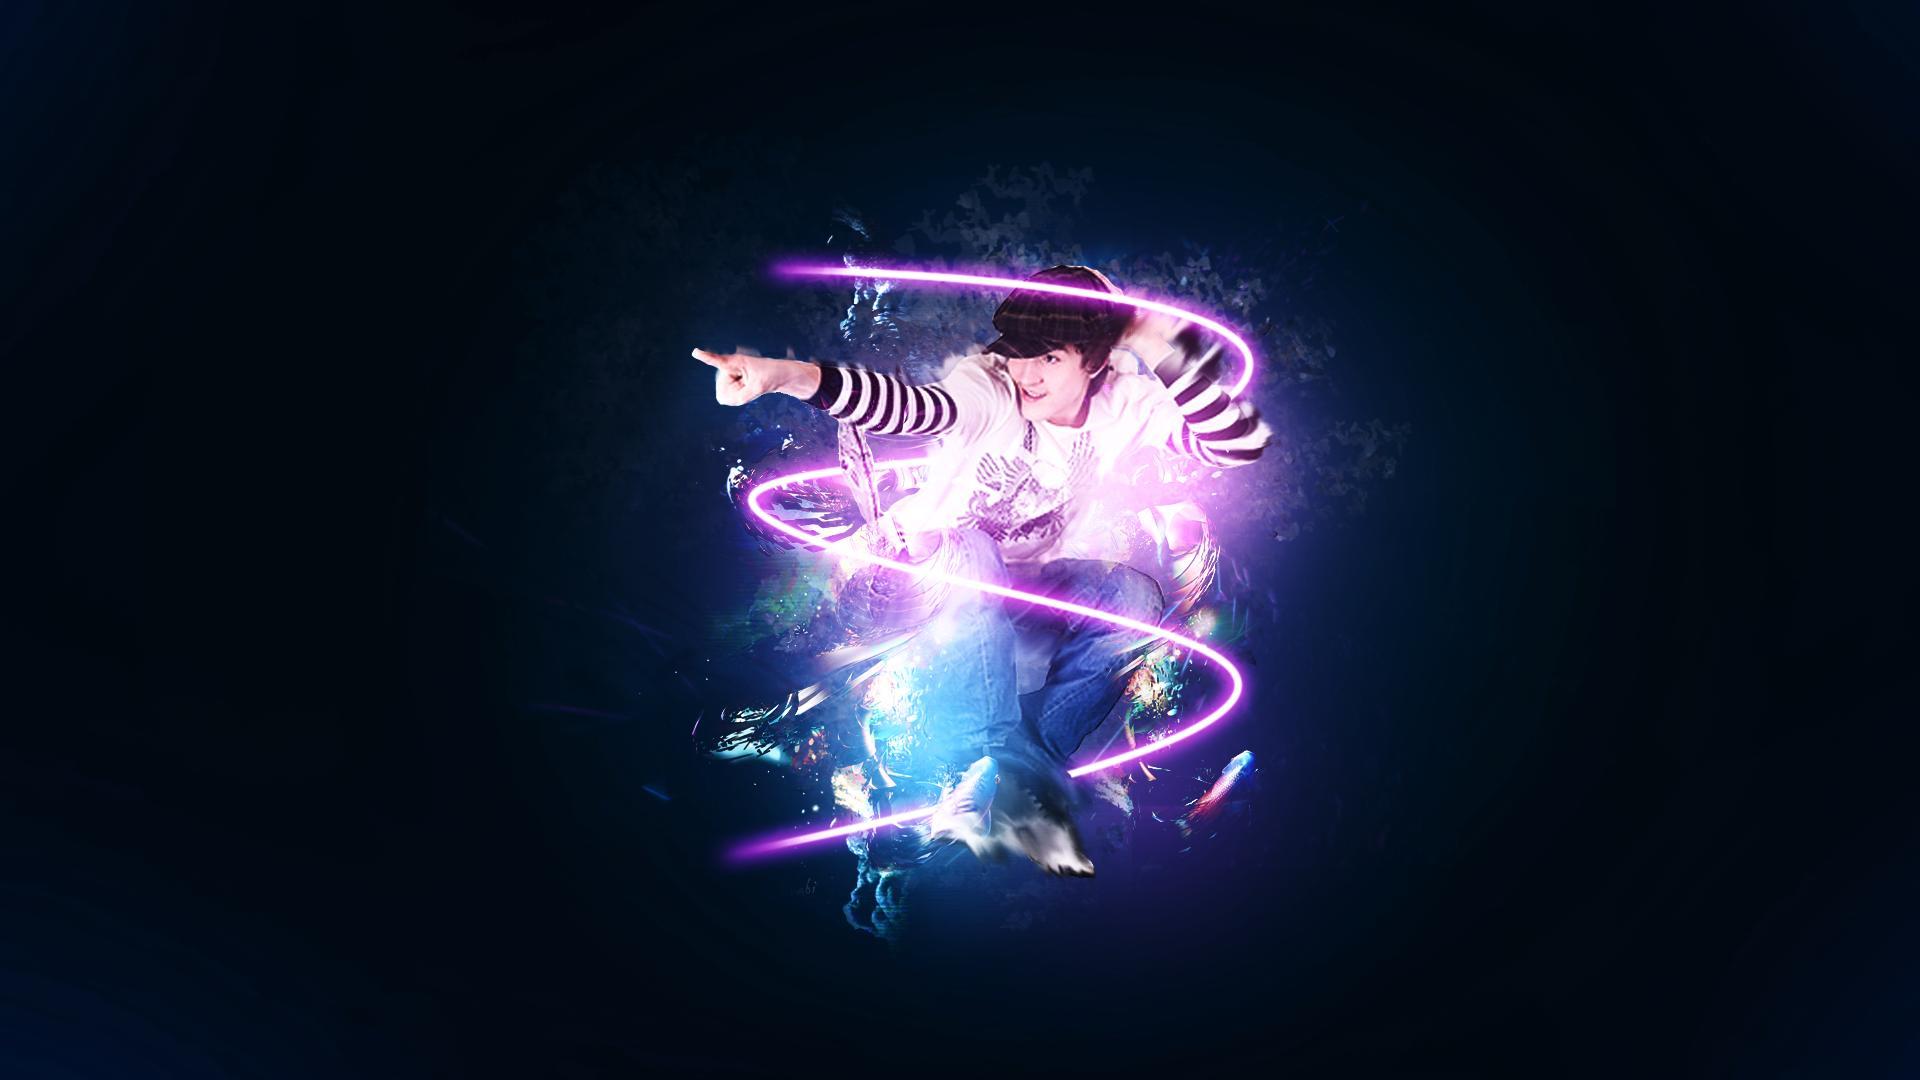 Neon lights around the dancer wallpaper 1920x1080 voltagebd Choice Image